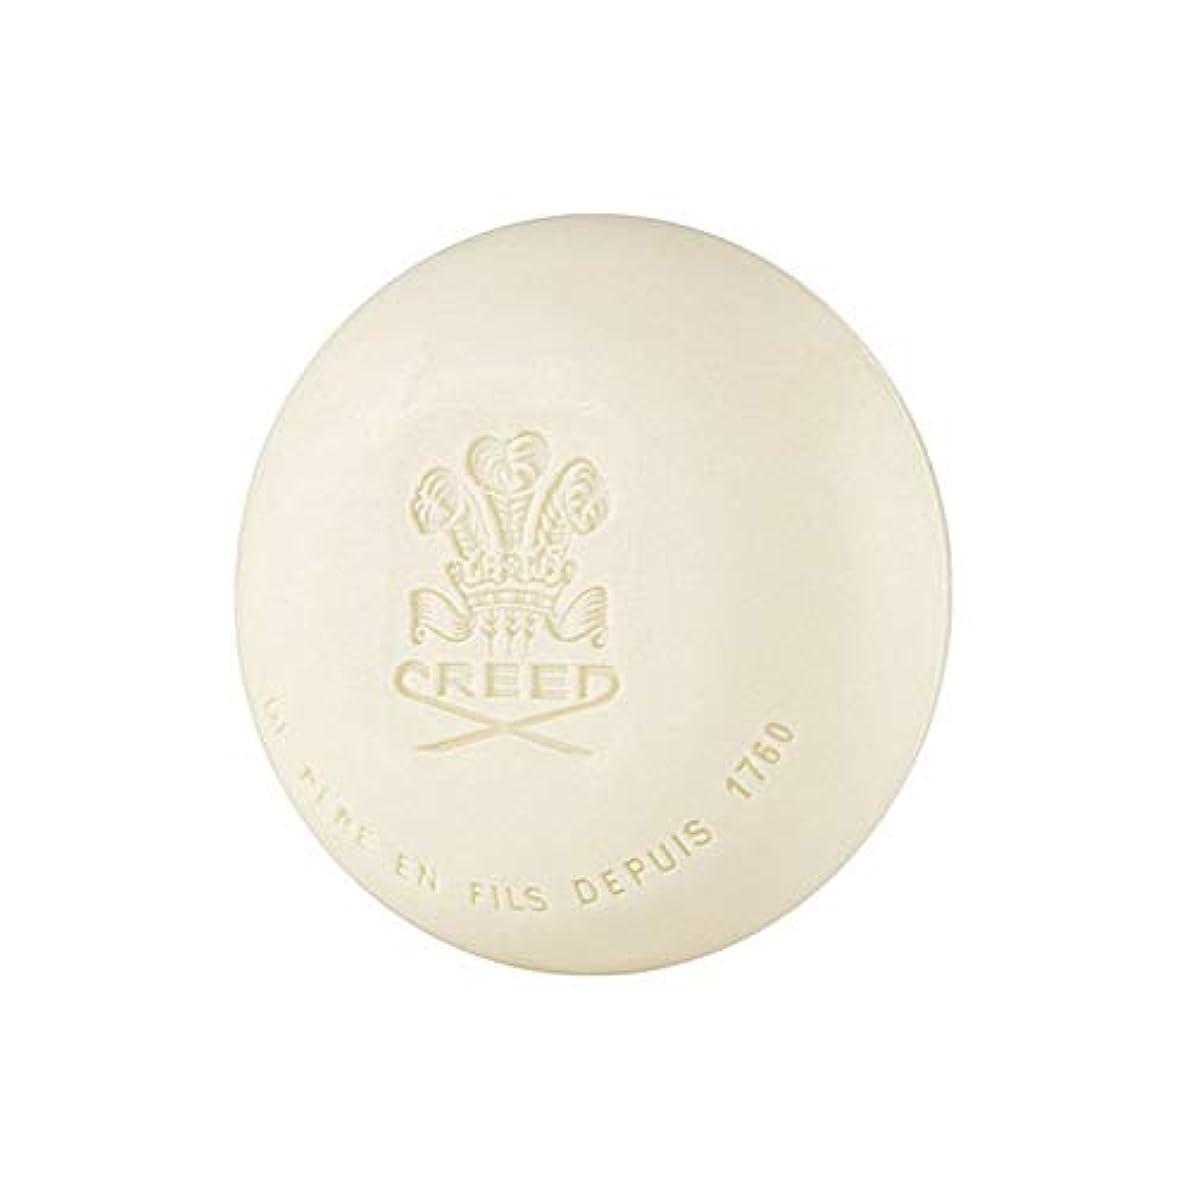 同情販売計画ロール[Creed ] 信条グリーンアイリッシュツイード石鹸150グラム - Creed Green Irish Tweed Soap 150G [並行輸入品]